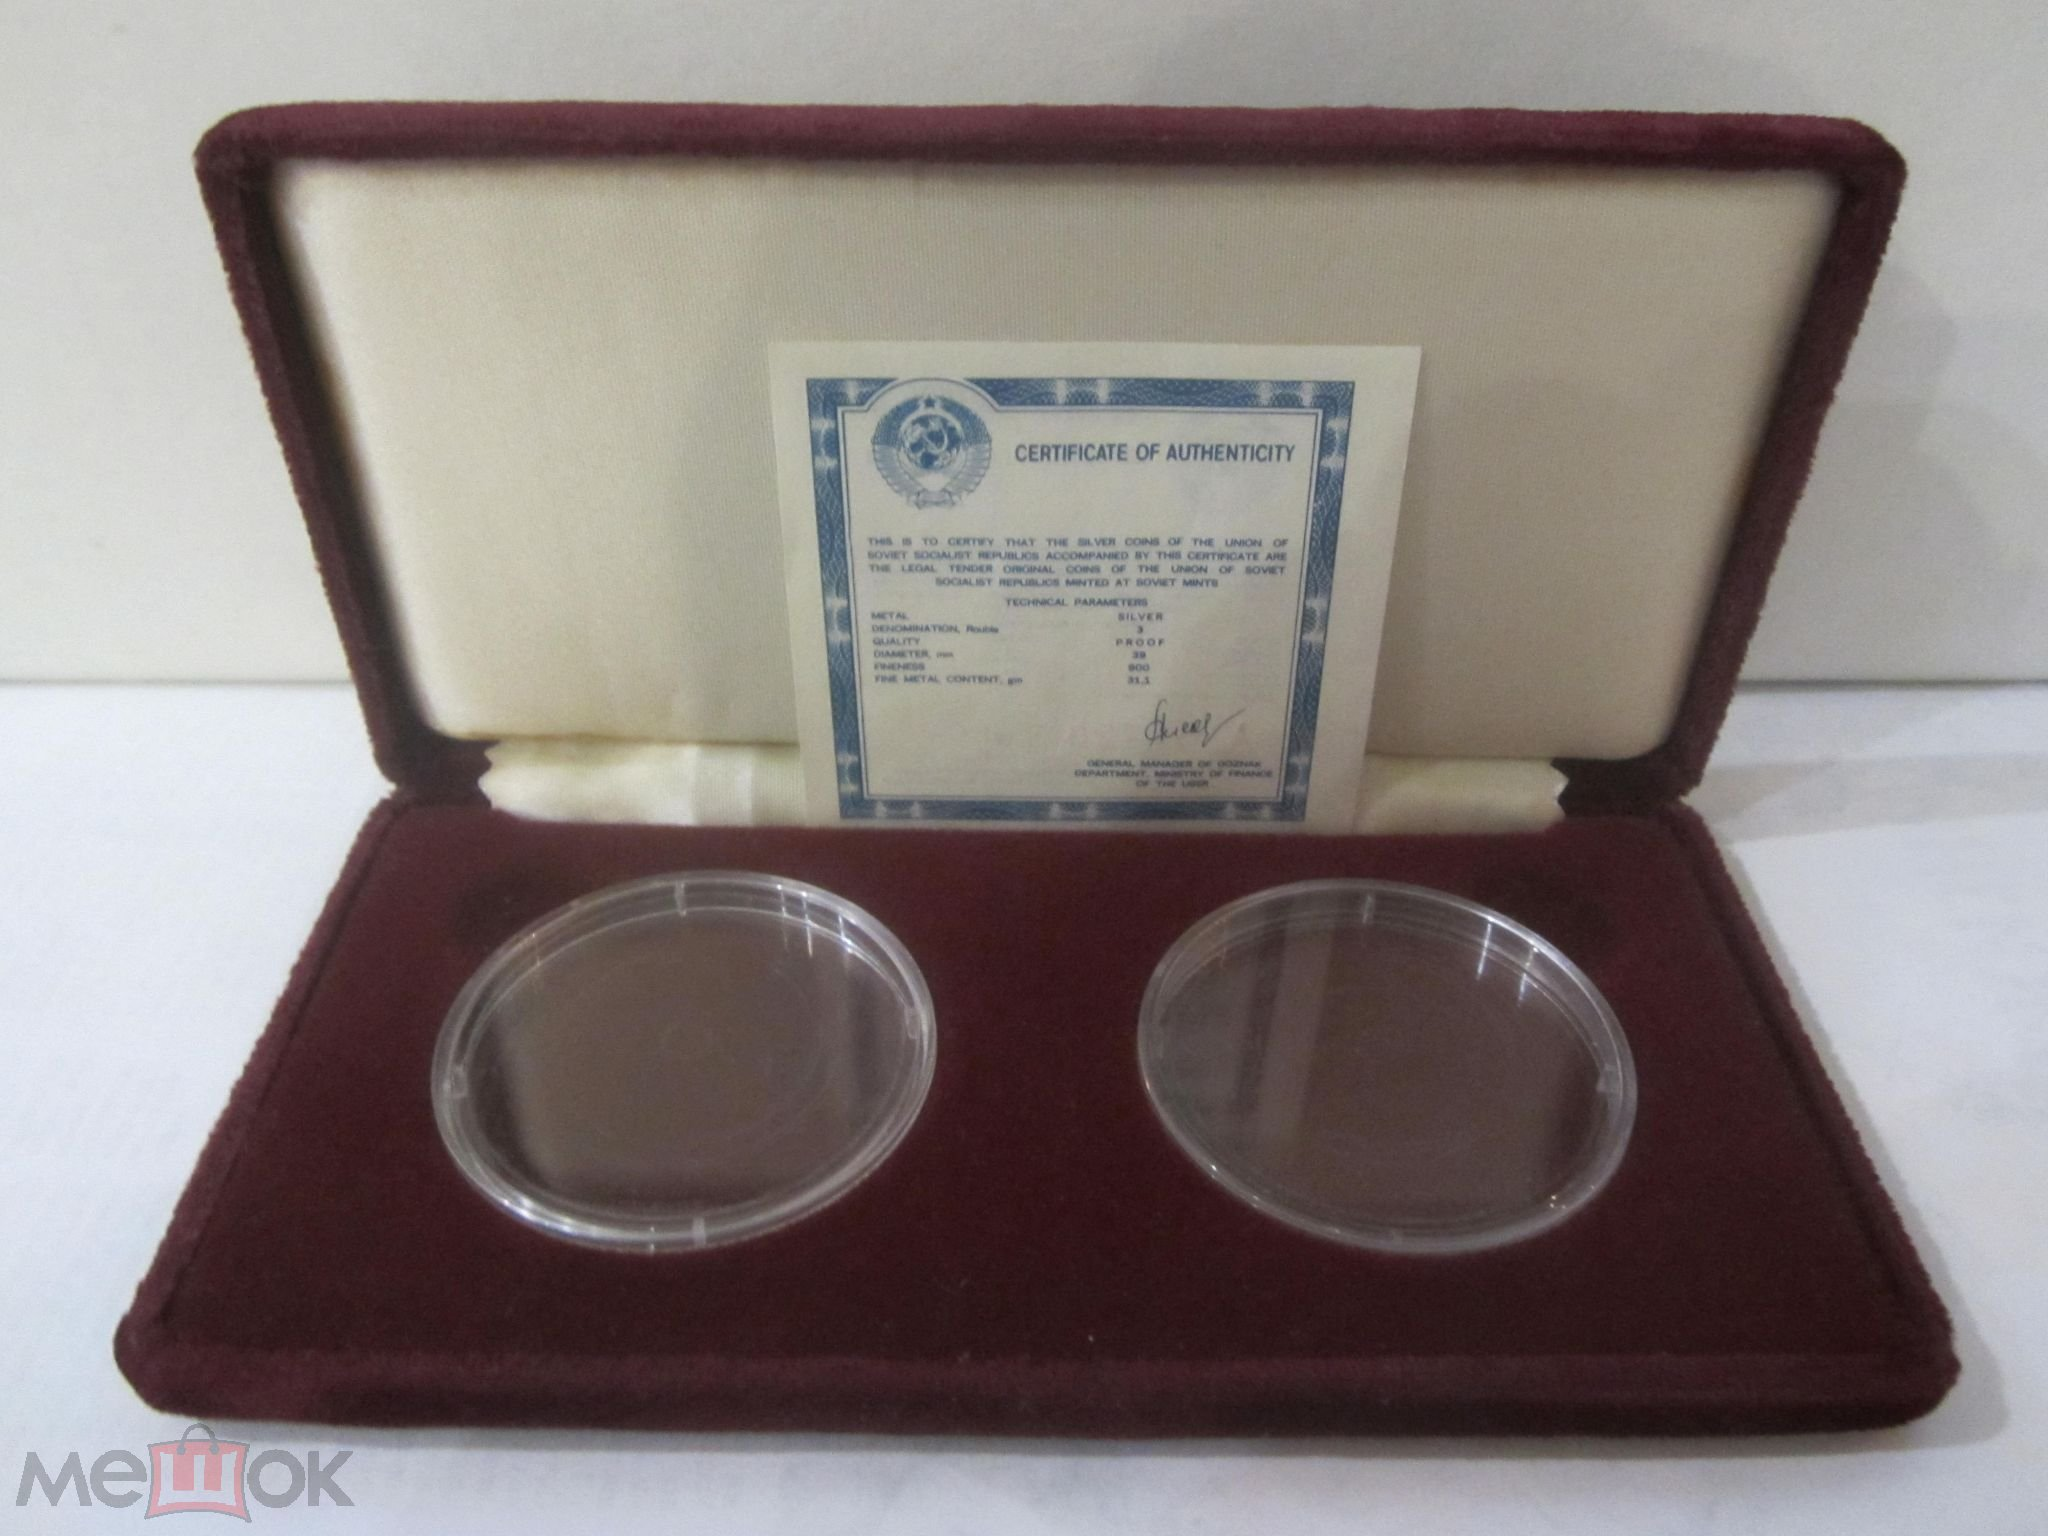 Коробка под серебряные монеты 1988 г. СССР, сертификат, капсулы